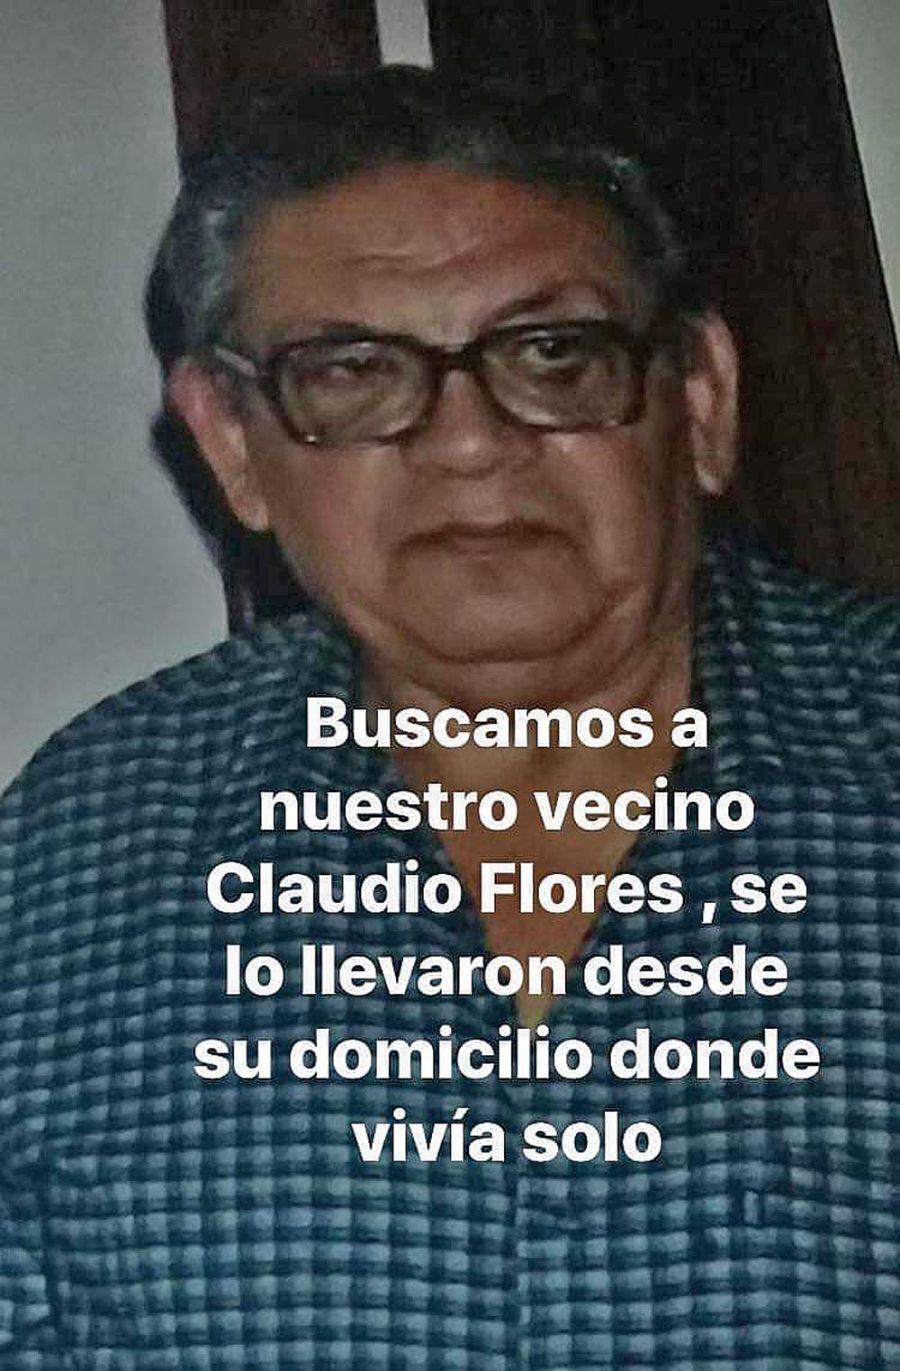 Claudio Flores, el hombre que denunciaron como desaparecido 20210503